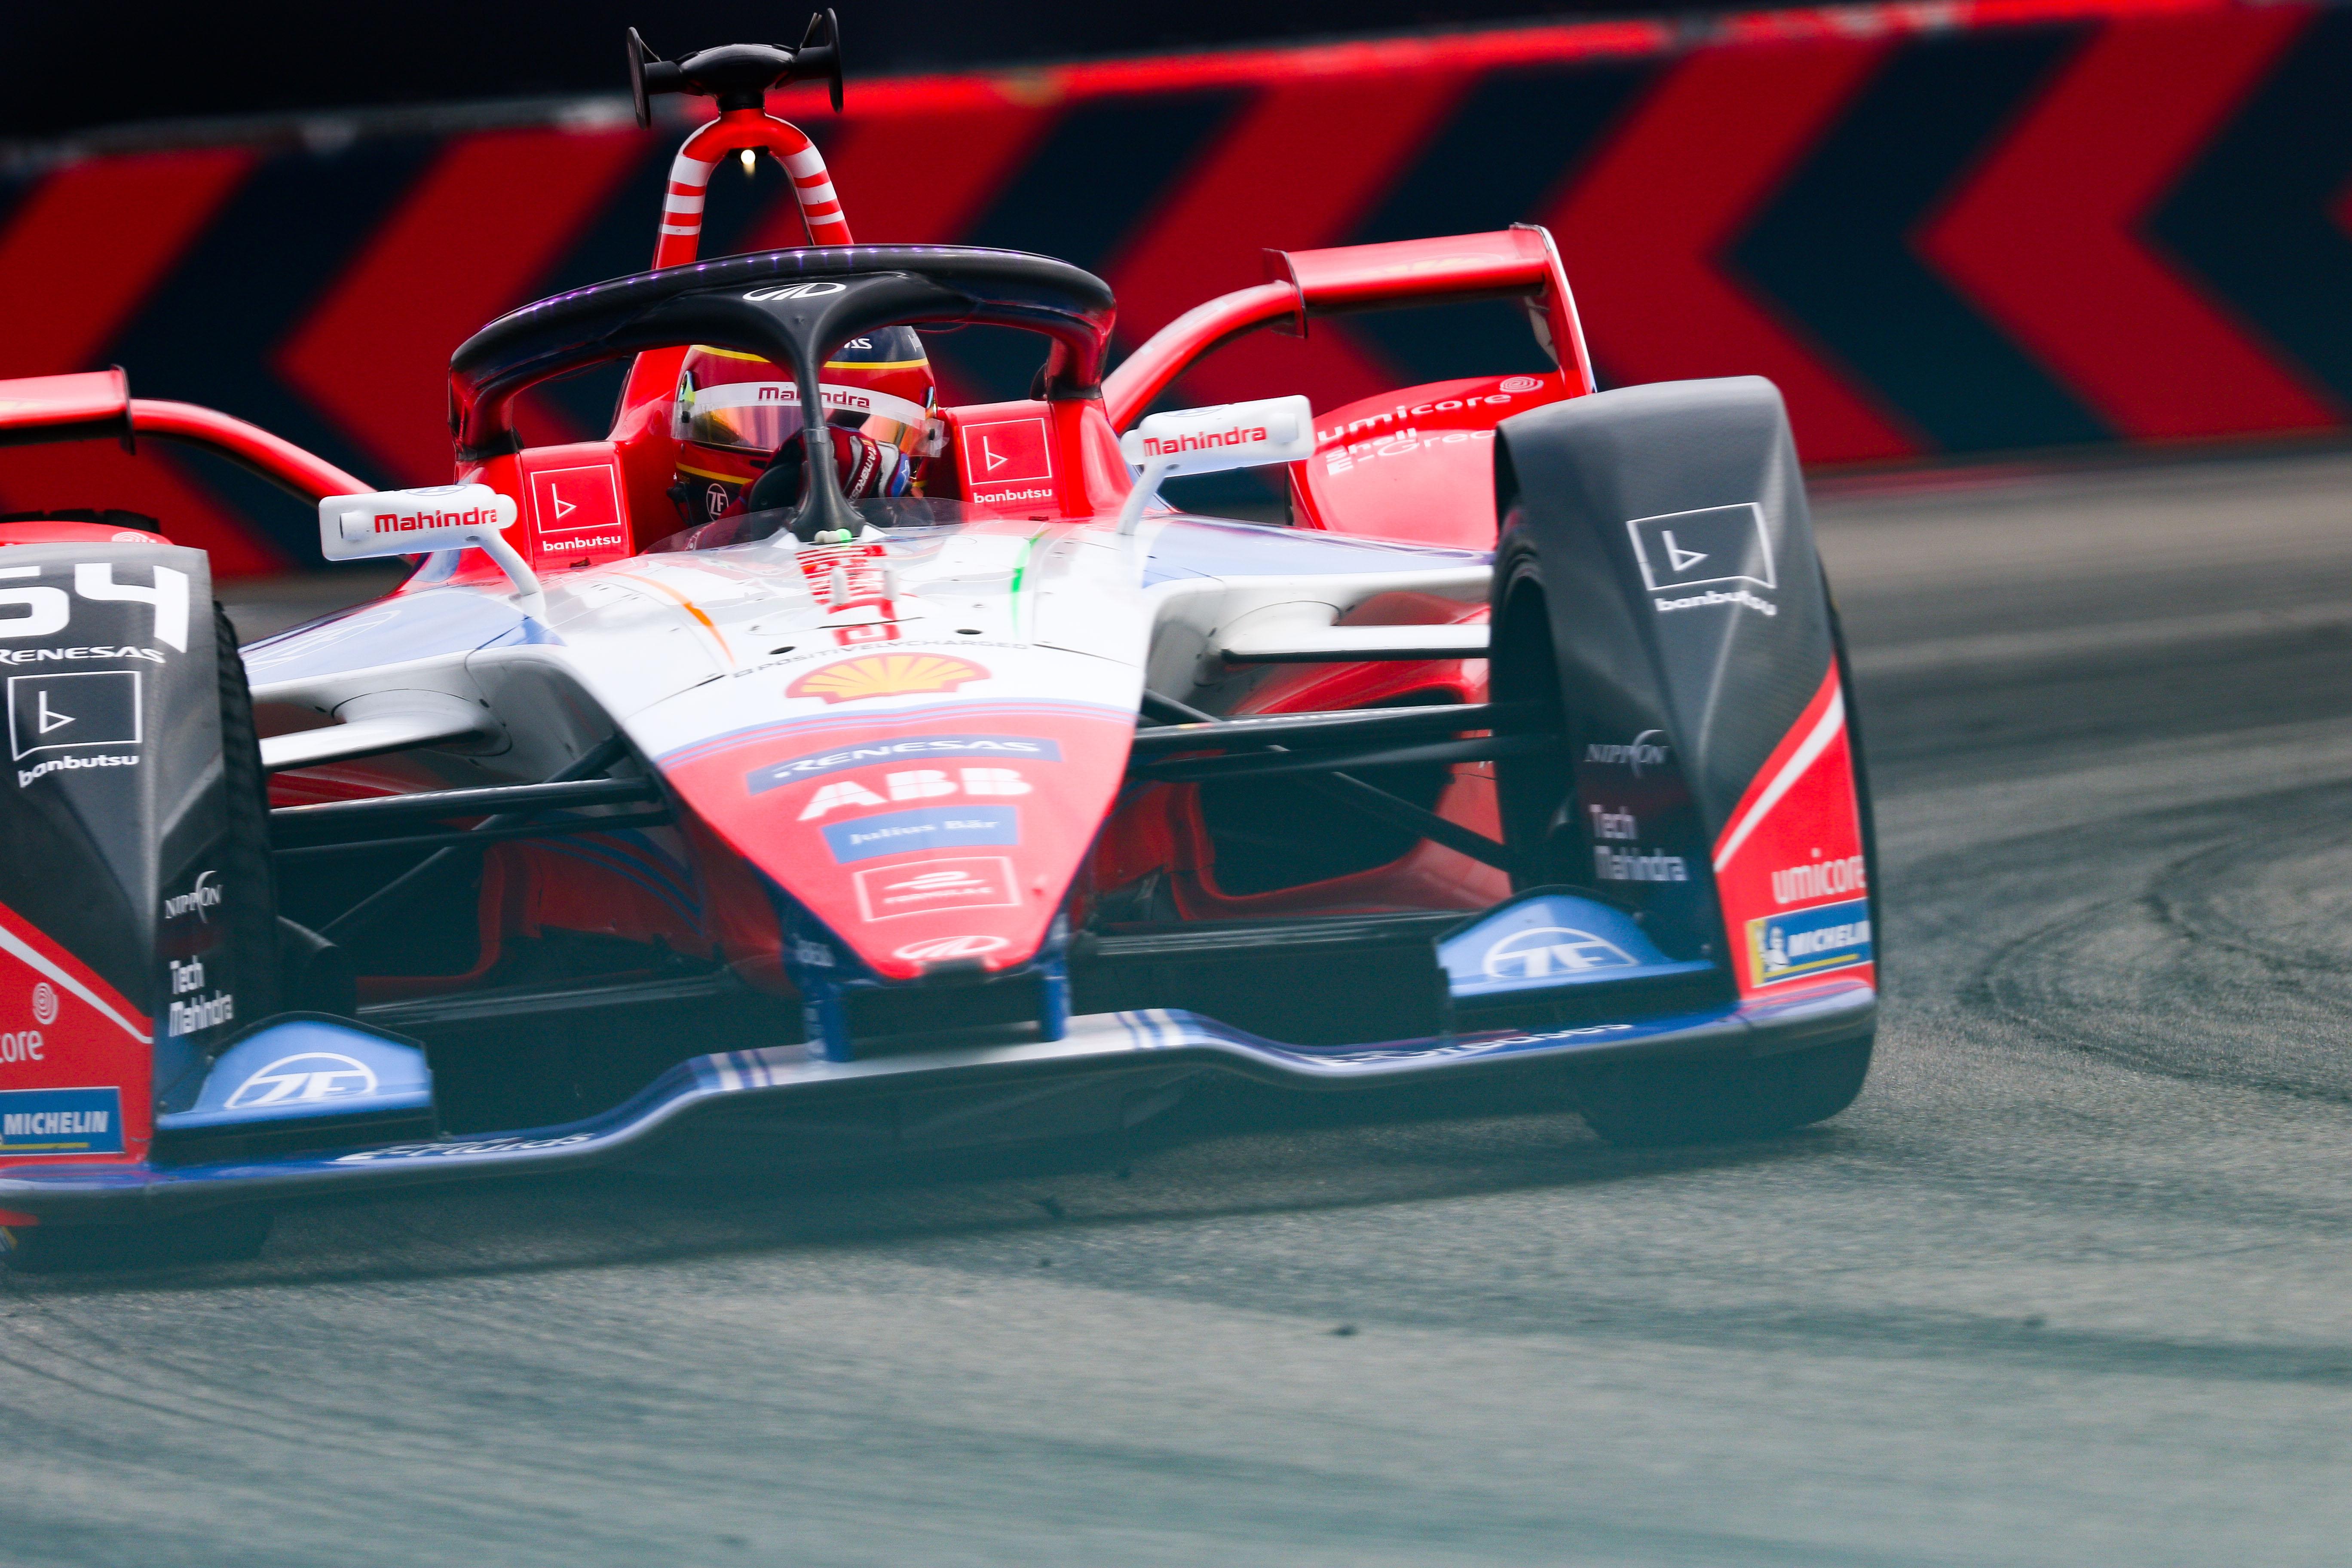 Jerome D'Ambrosio Mahindra Berlin Formula E 2020